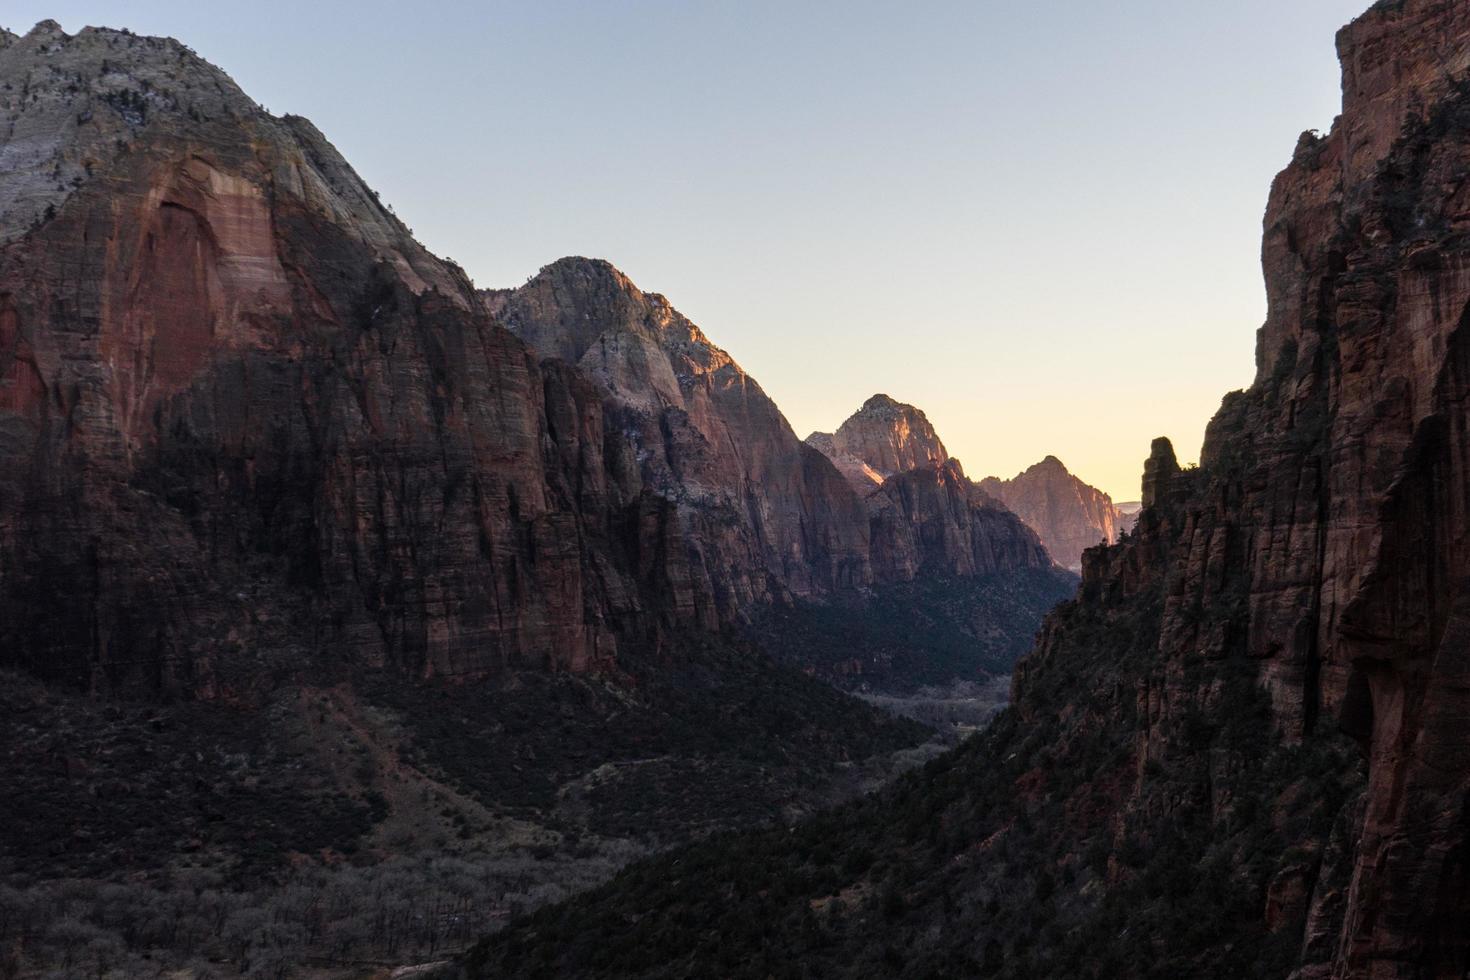 Mountain peak during daytime photo